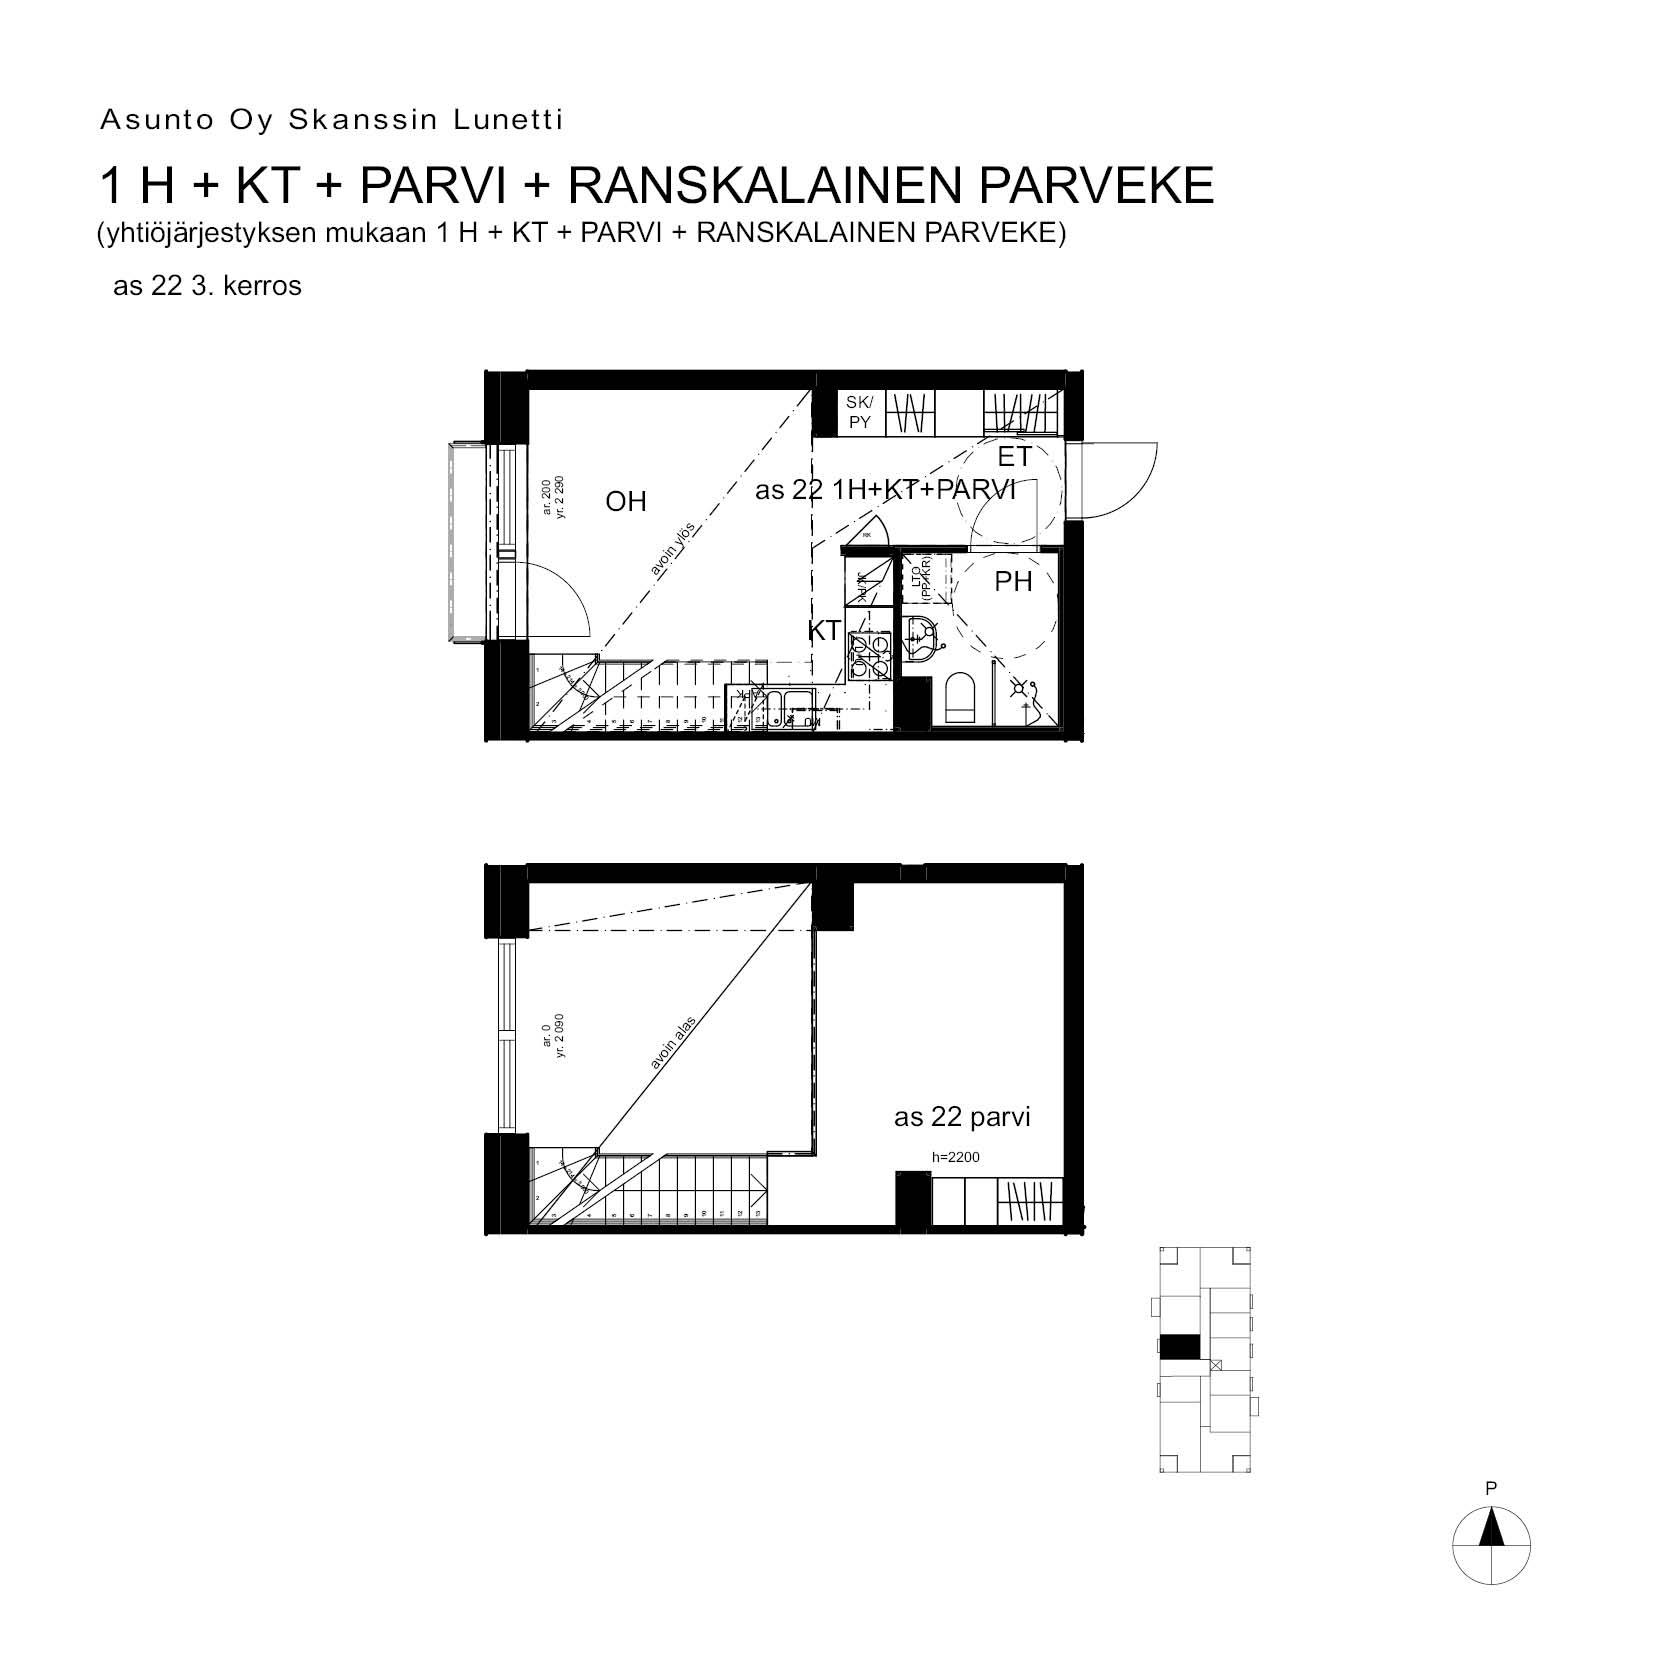 A22, 40.5 m<sup>2</sup>, 1H+KT+PARVI+ransk.p.